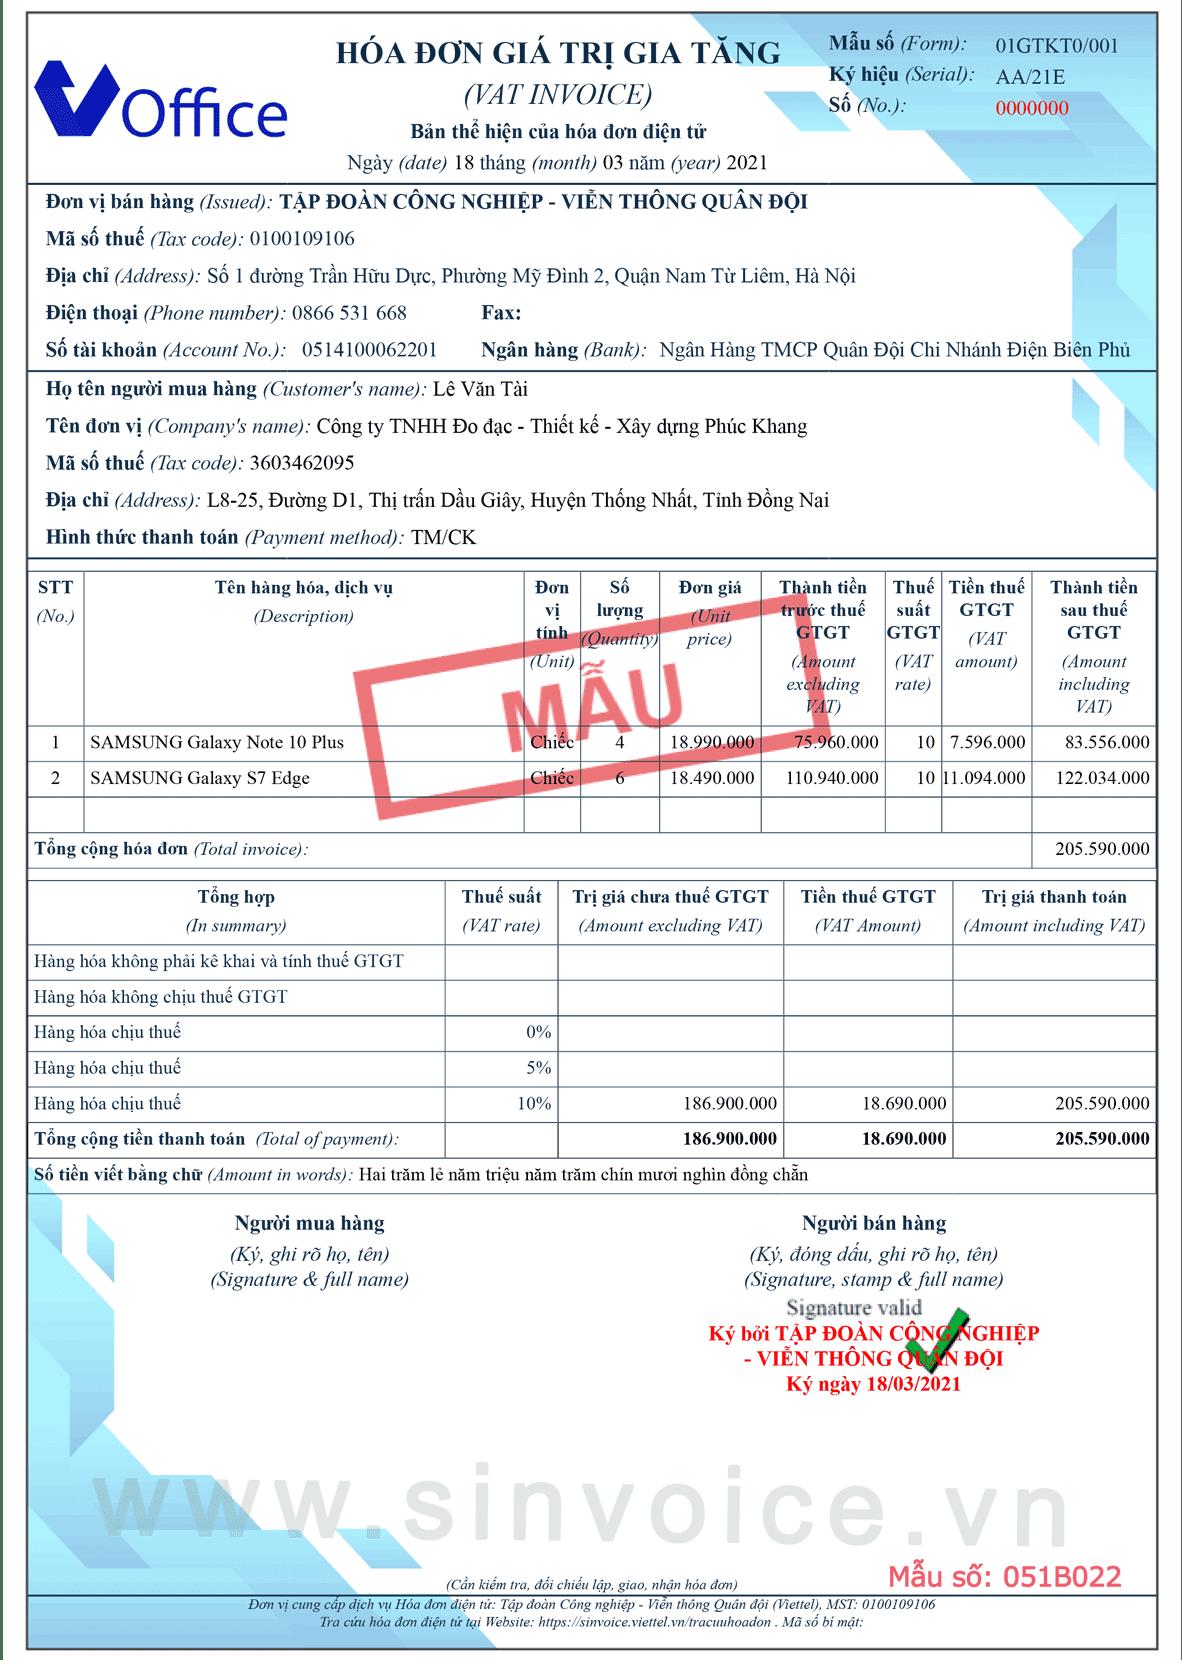 Mẫu hóa đơn điện tử số 051B022